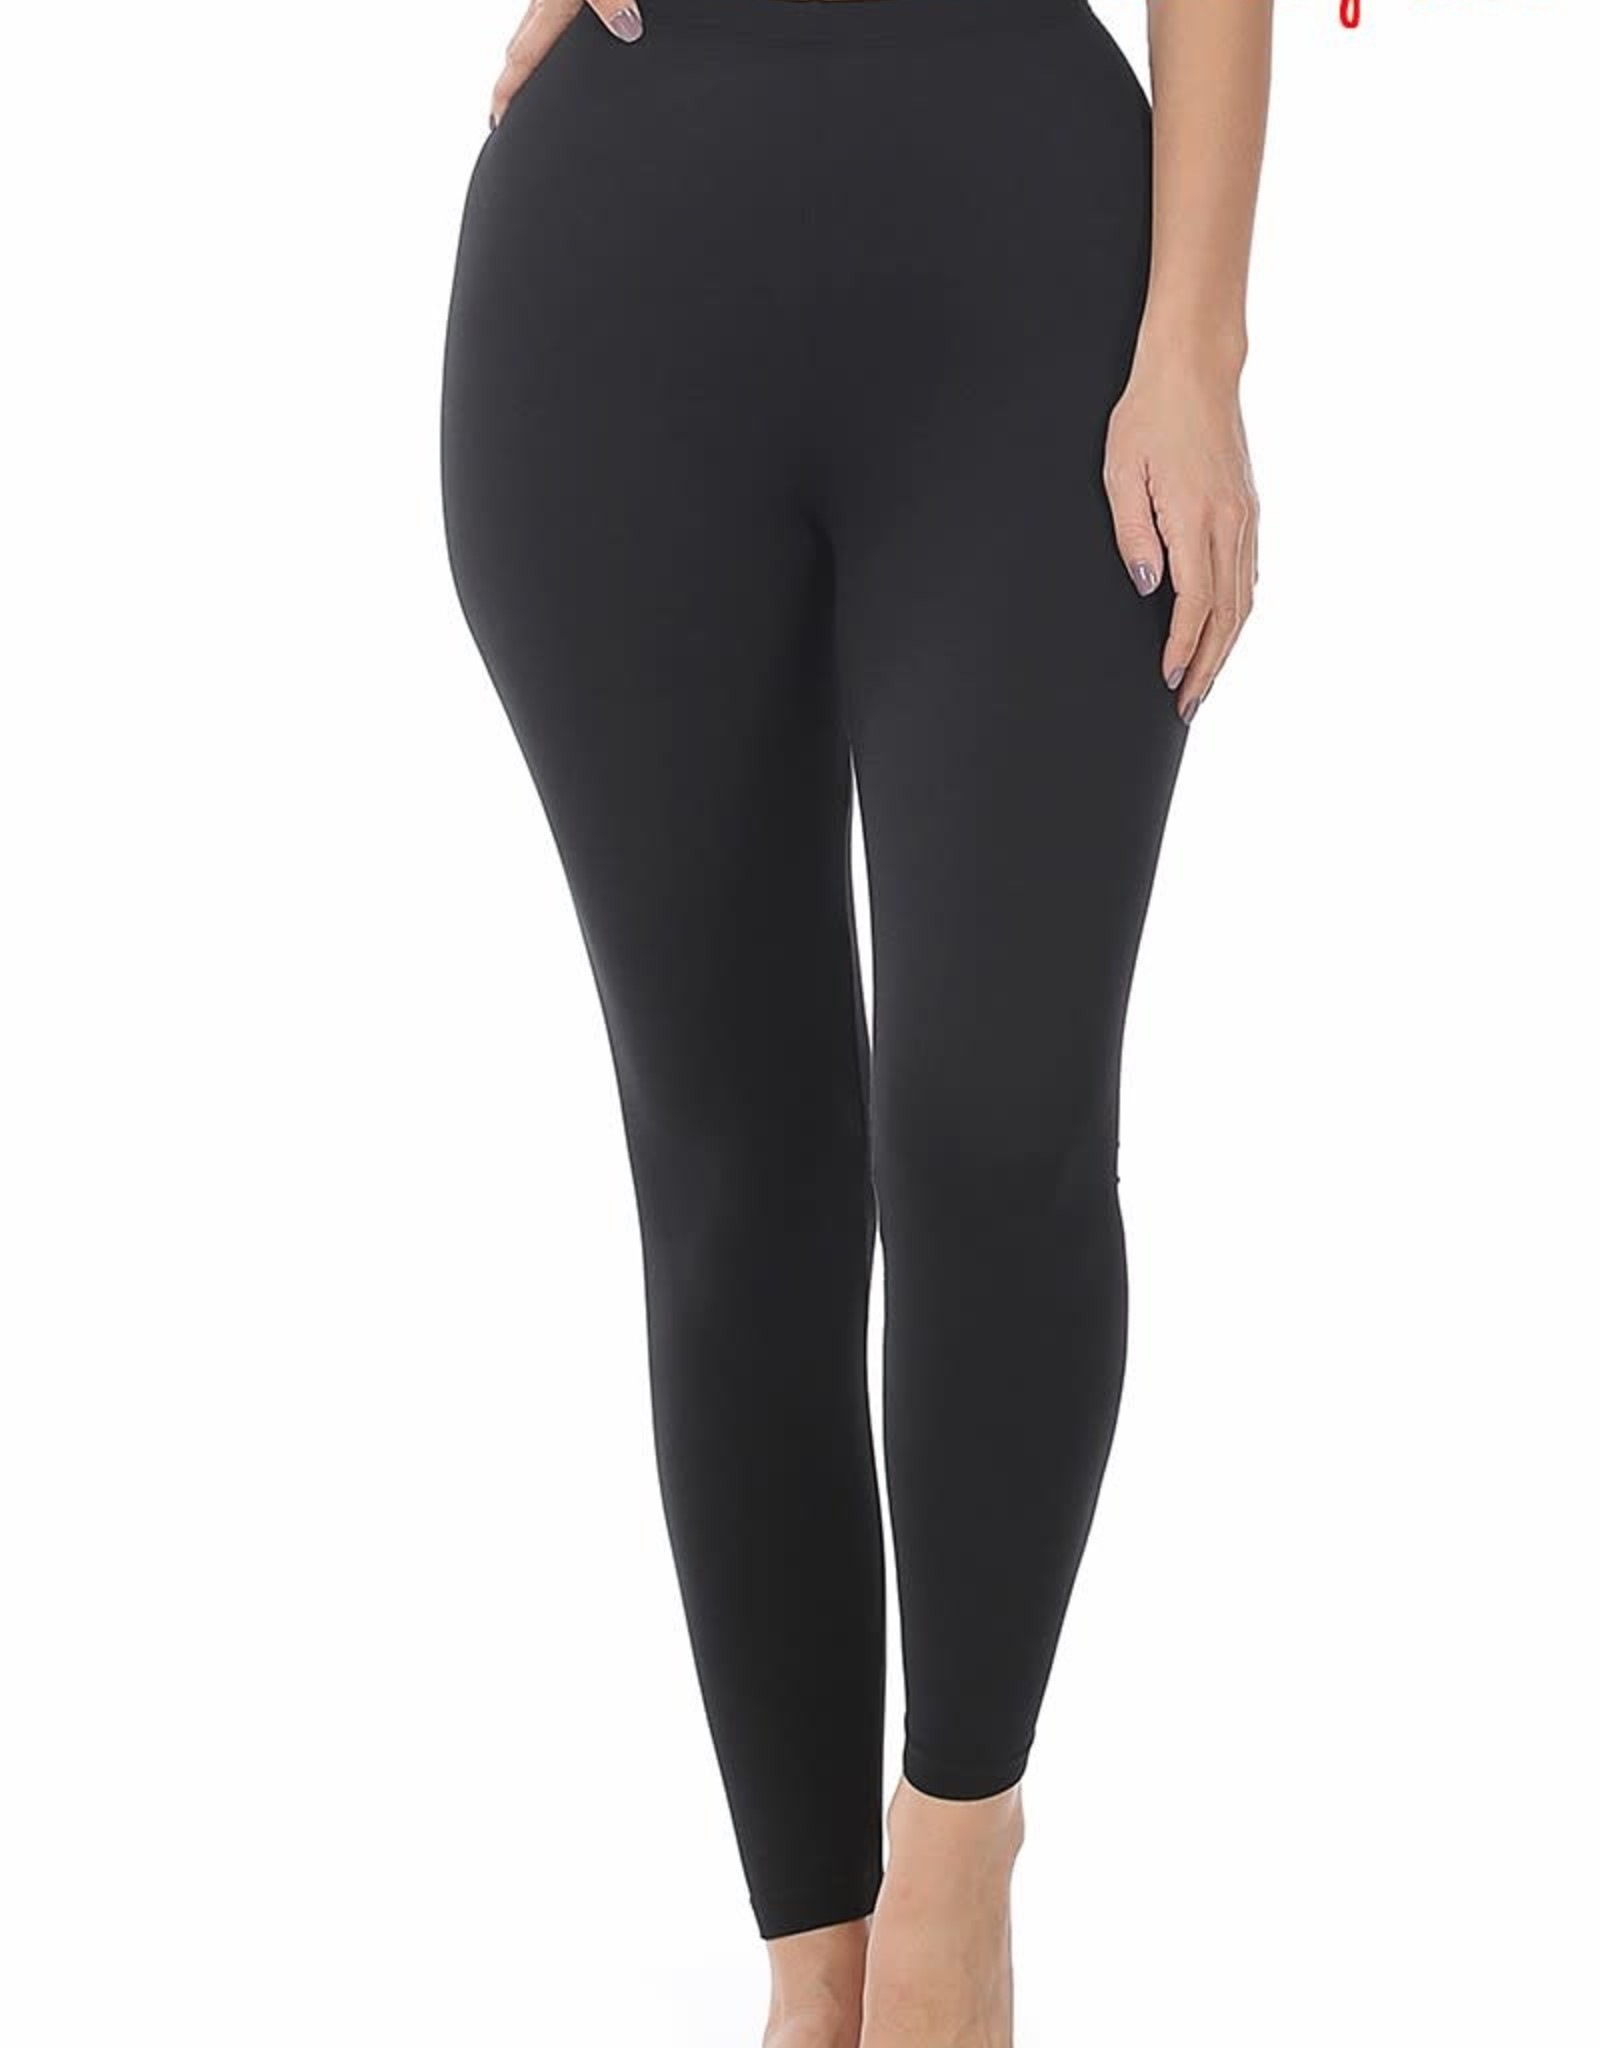 Miss Bliss Brushed Microfibre Full Length leggings- Black